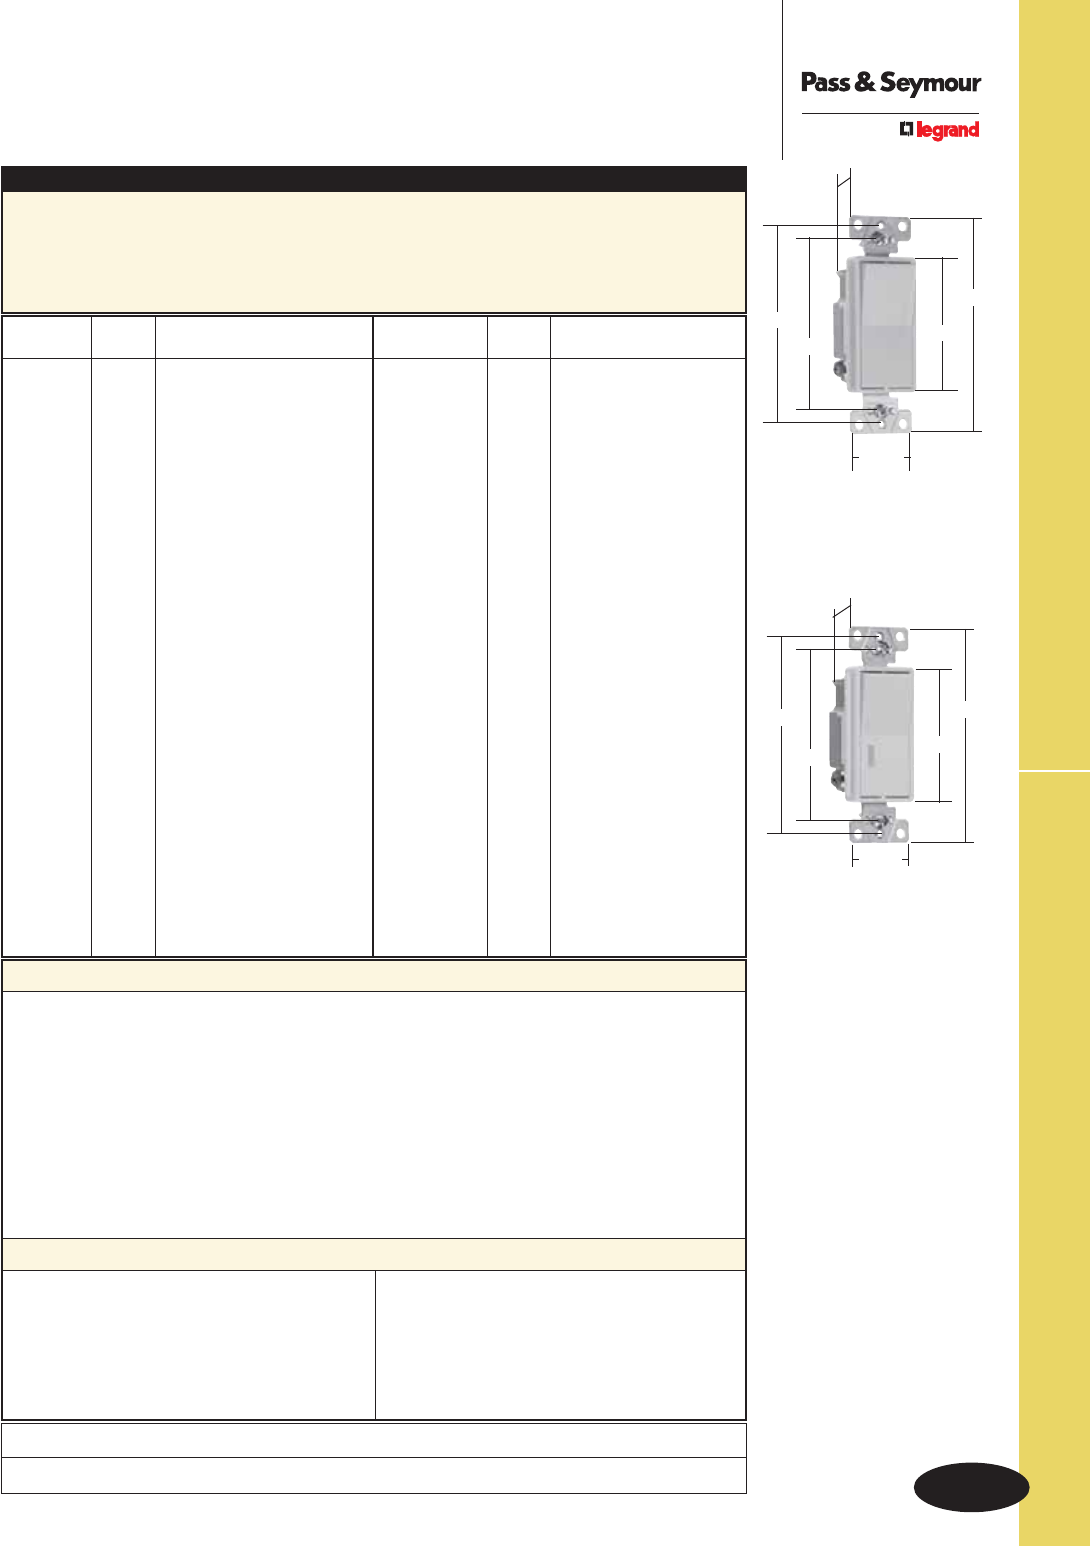 94433 Catalog Details Of Nema L1430p To 615 20r Plug Adapter 1 Foot 20a 250v U 31